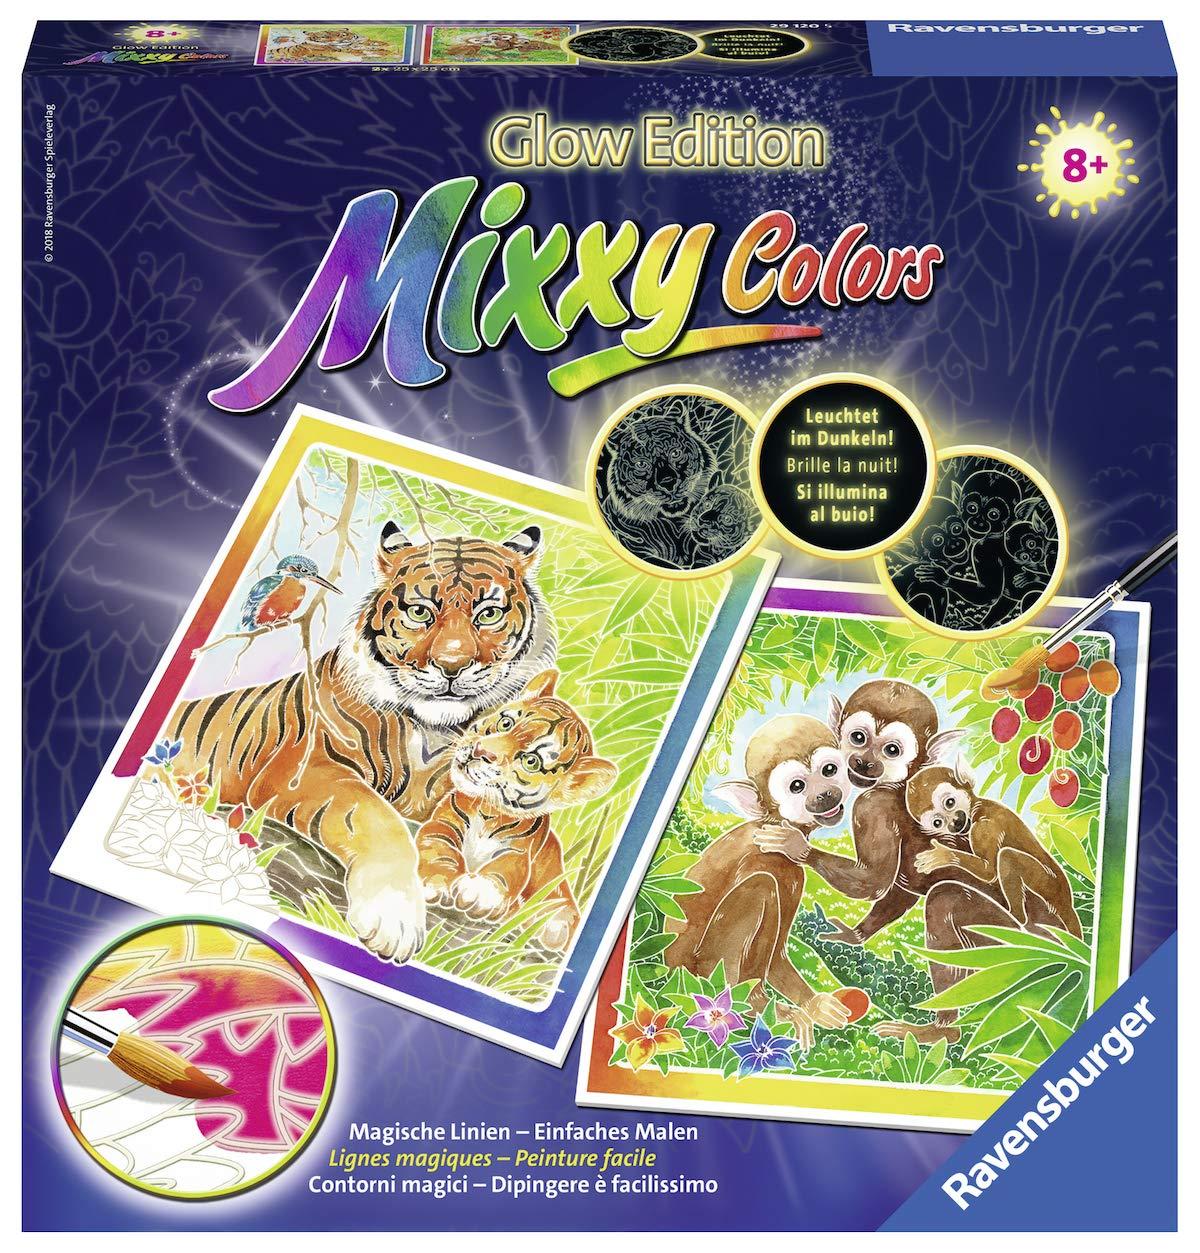 Ravensburger 29120 Mixxy Colors Jeu de 4 Figurines de la Jungle Glow Edition Multicolore 25 x 25 cm Ravensburger Spieleverlag